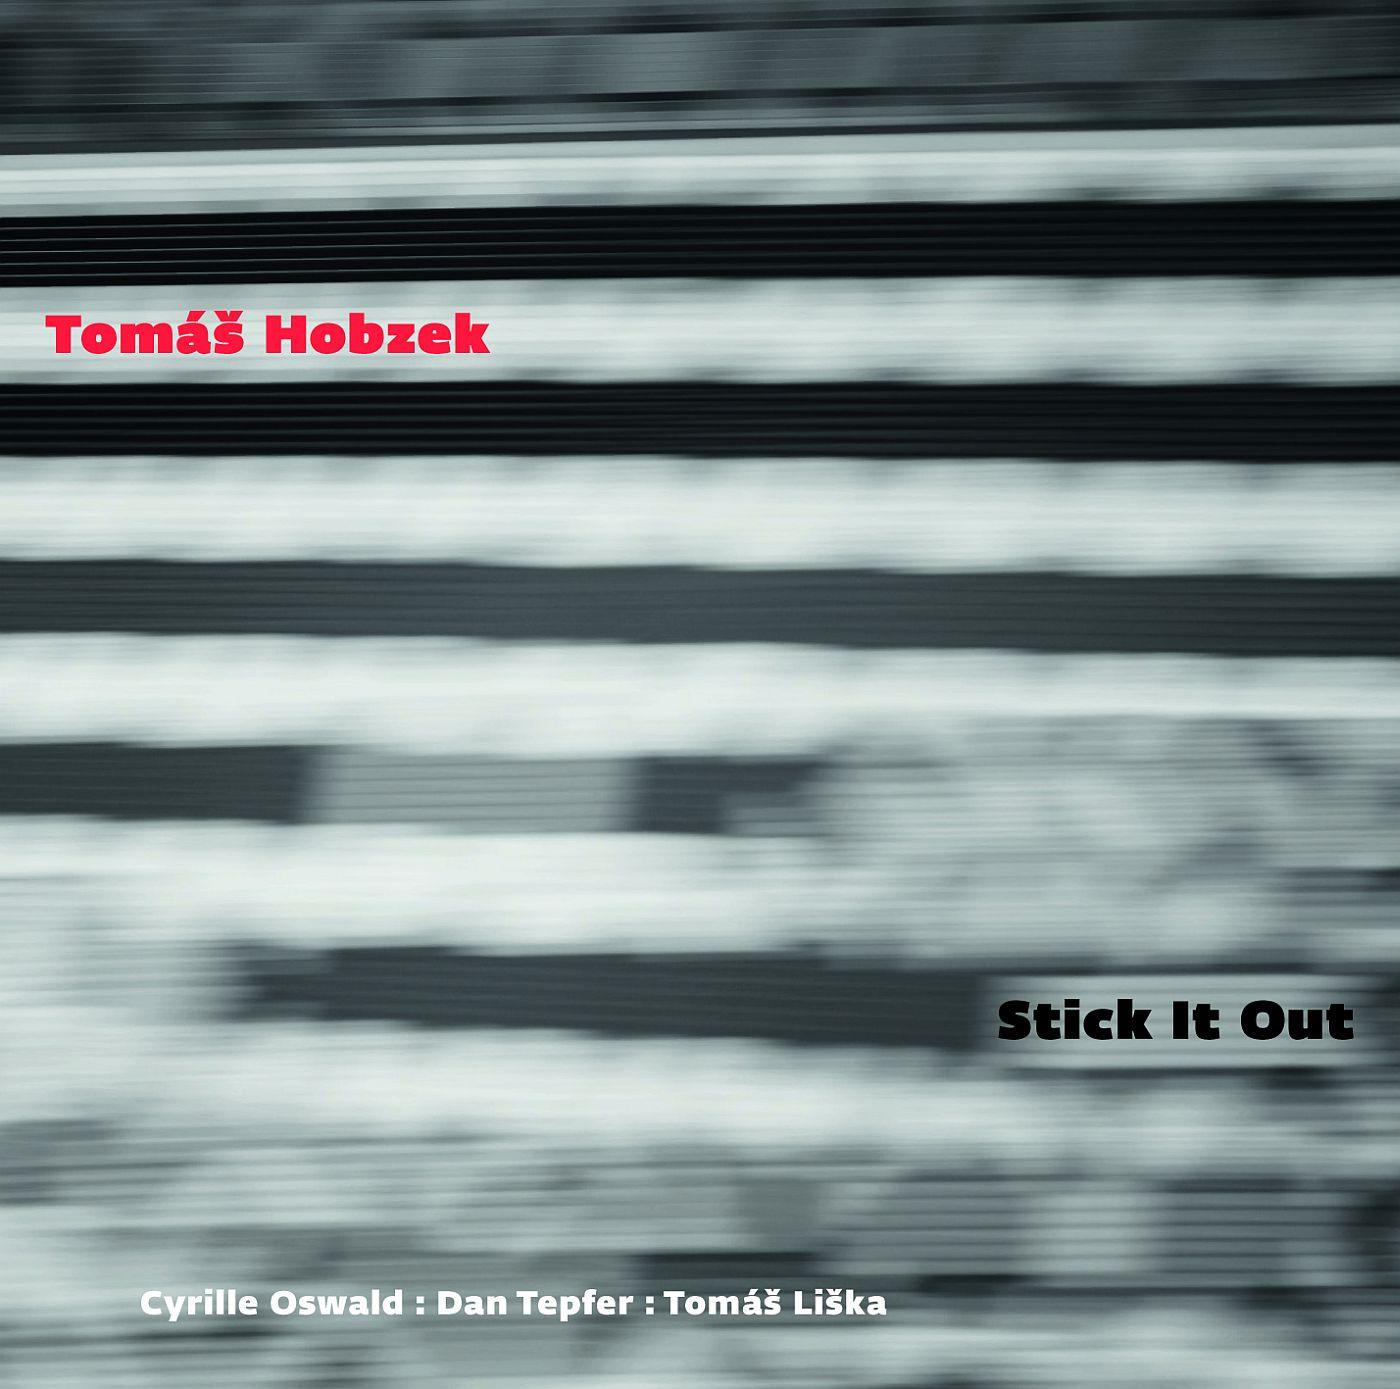 Debut Tomáše Hobzeka